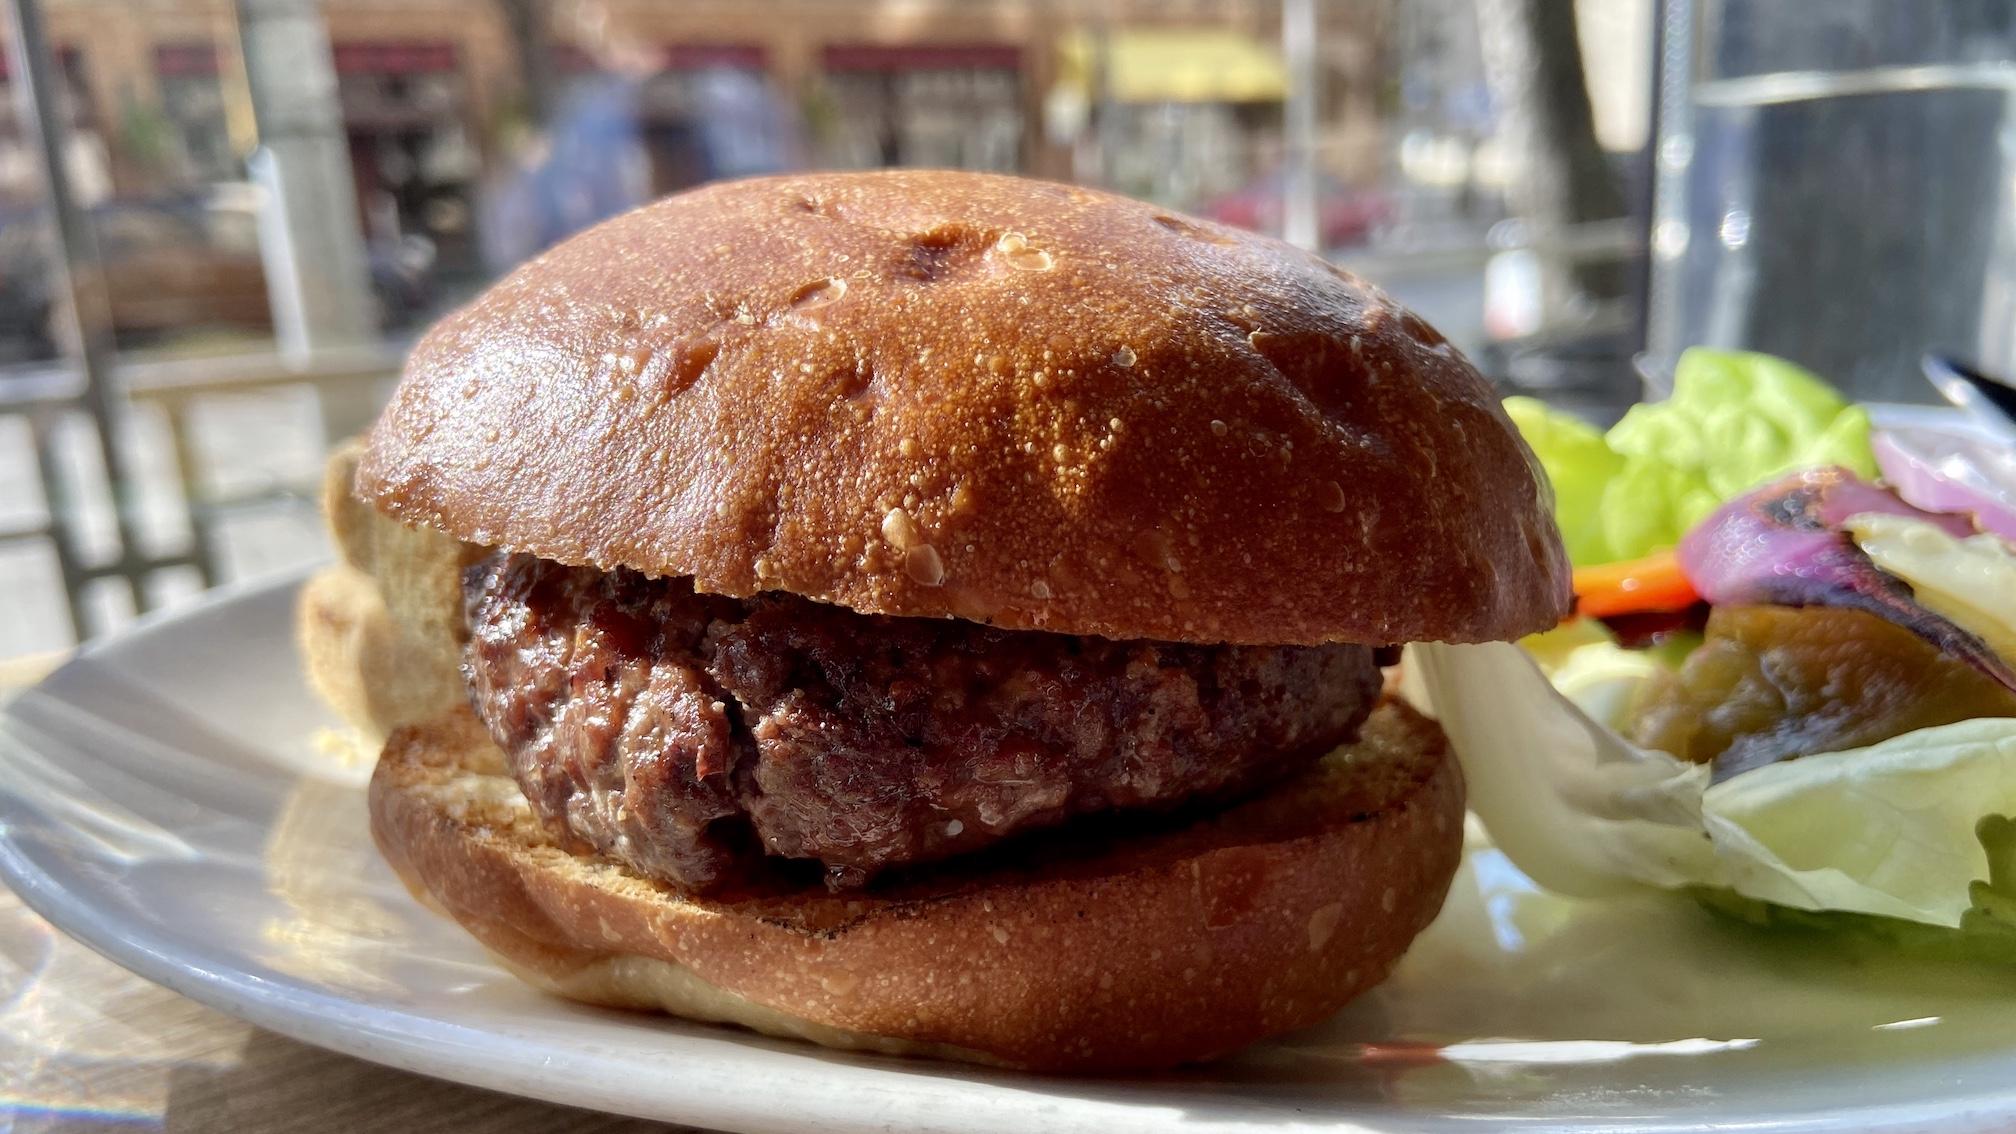 Lola lamb burger